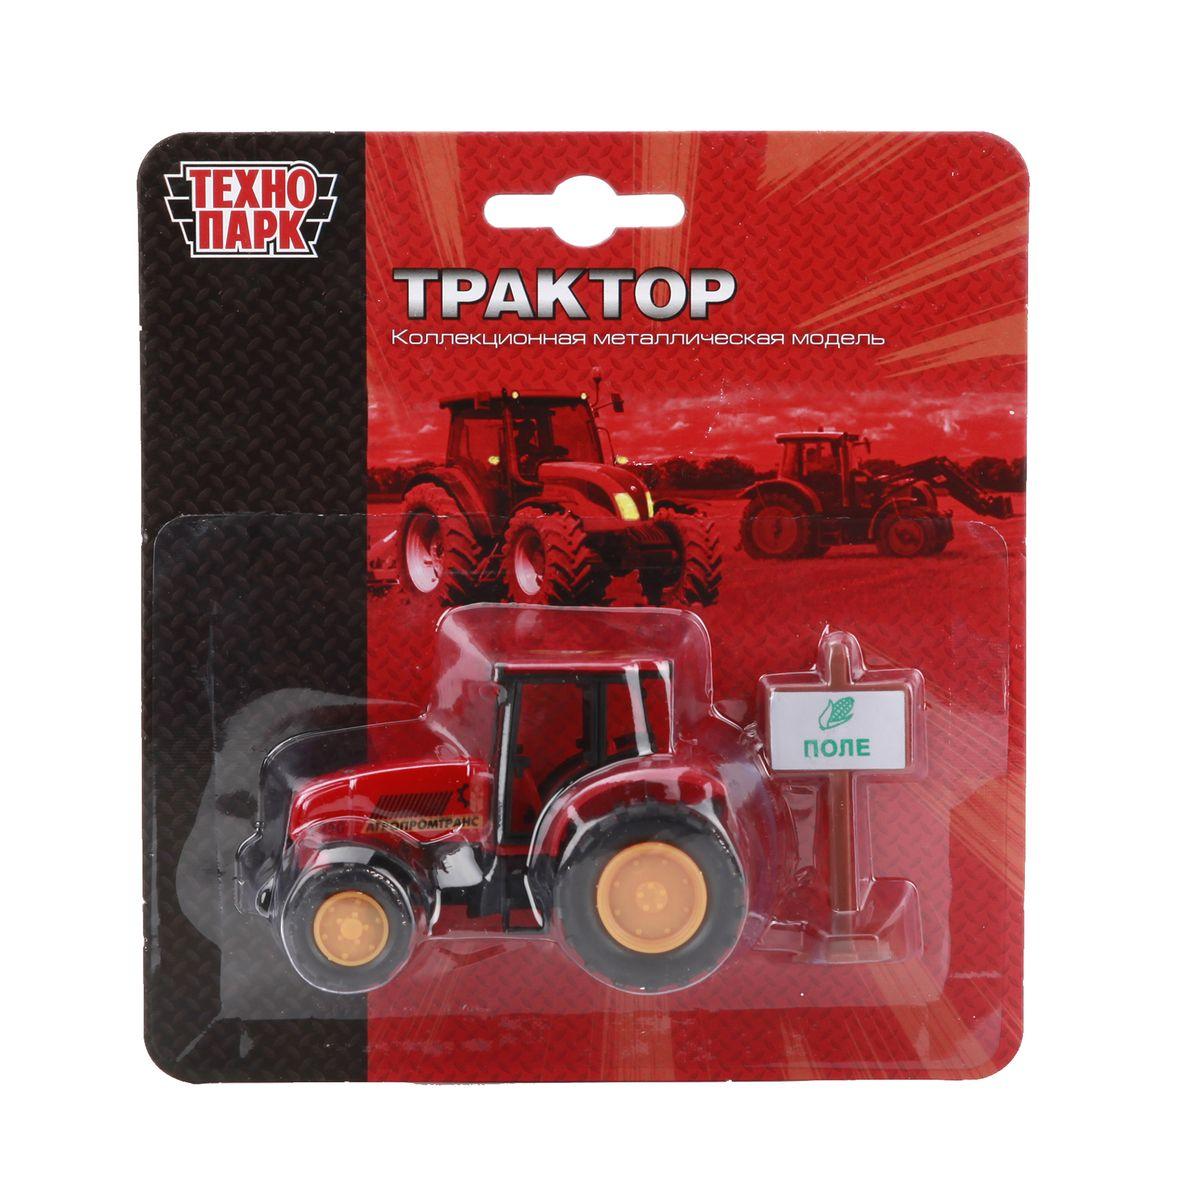 ТехноПарк Трактор Агпромтранс цвет красный10119-RЯркий металлический трактор увлет Вашего малыша в веселую игру. Он может сам придумывать ситуации и обыгрывать ее.